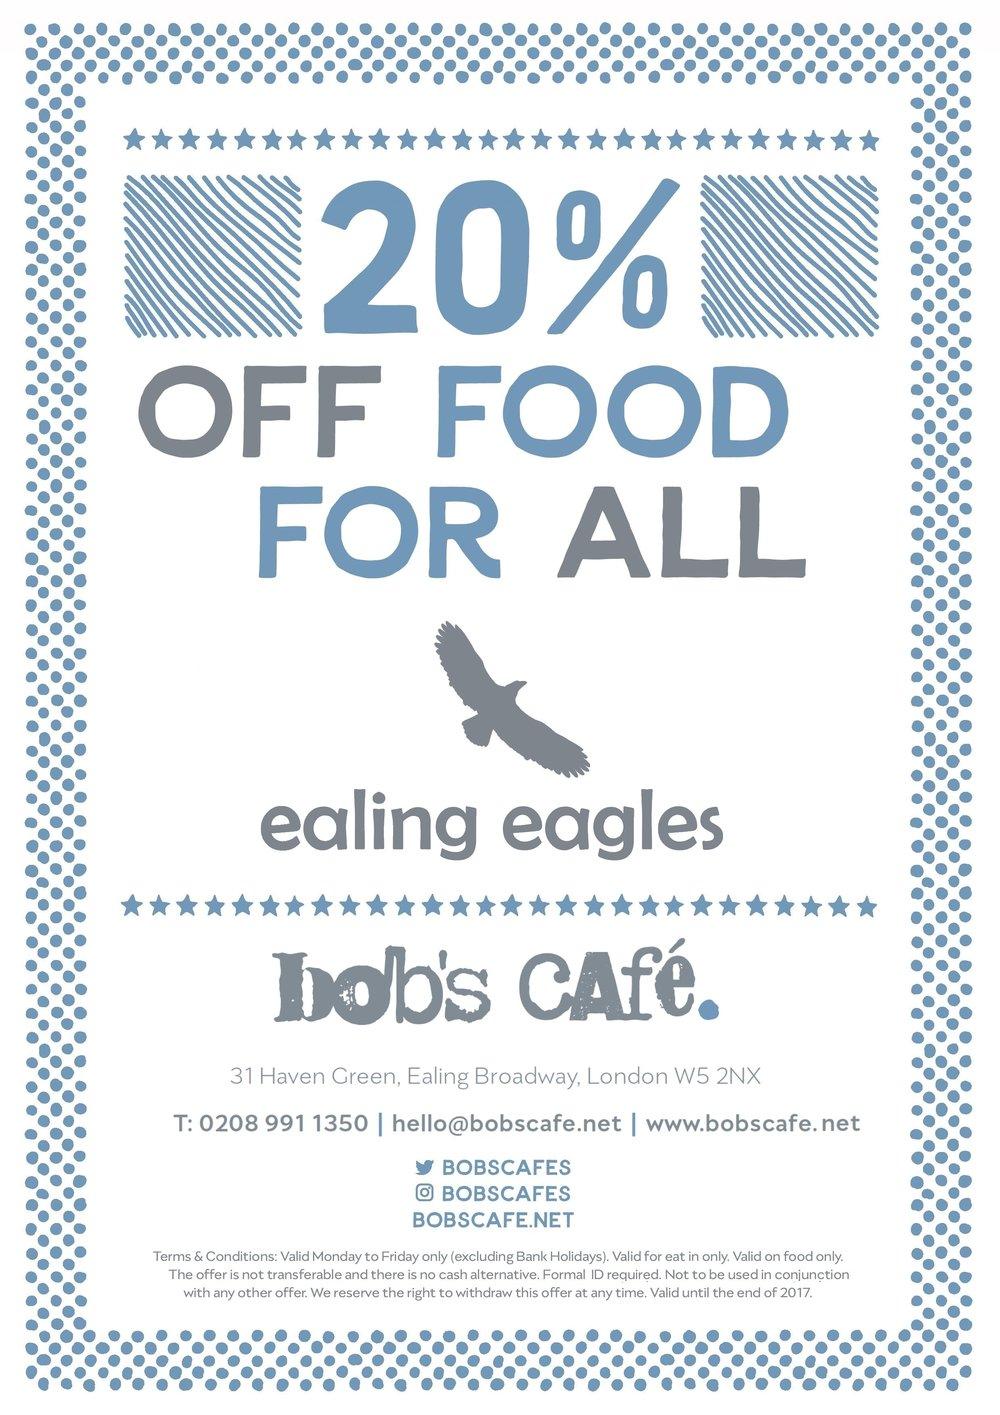 discount ealing eagles.jpg